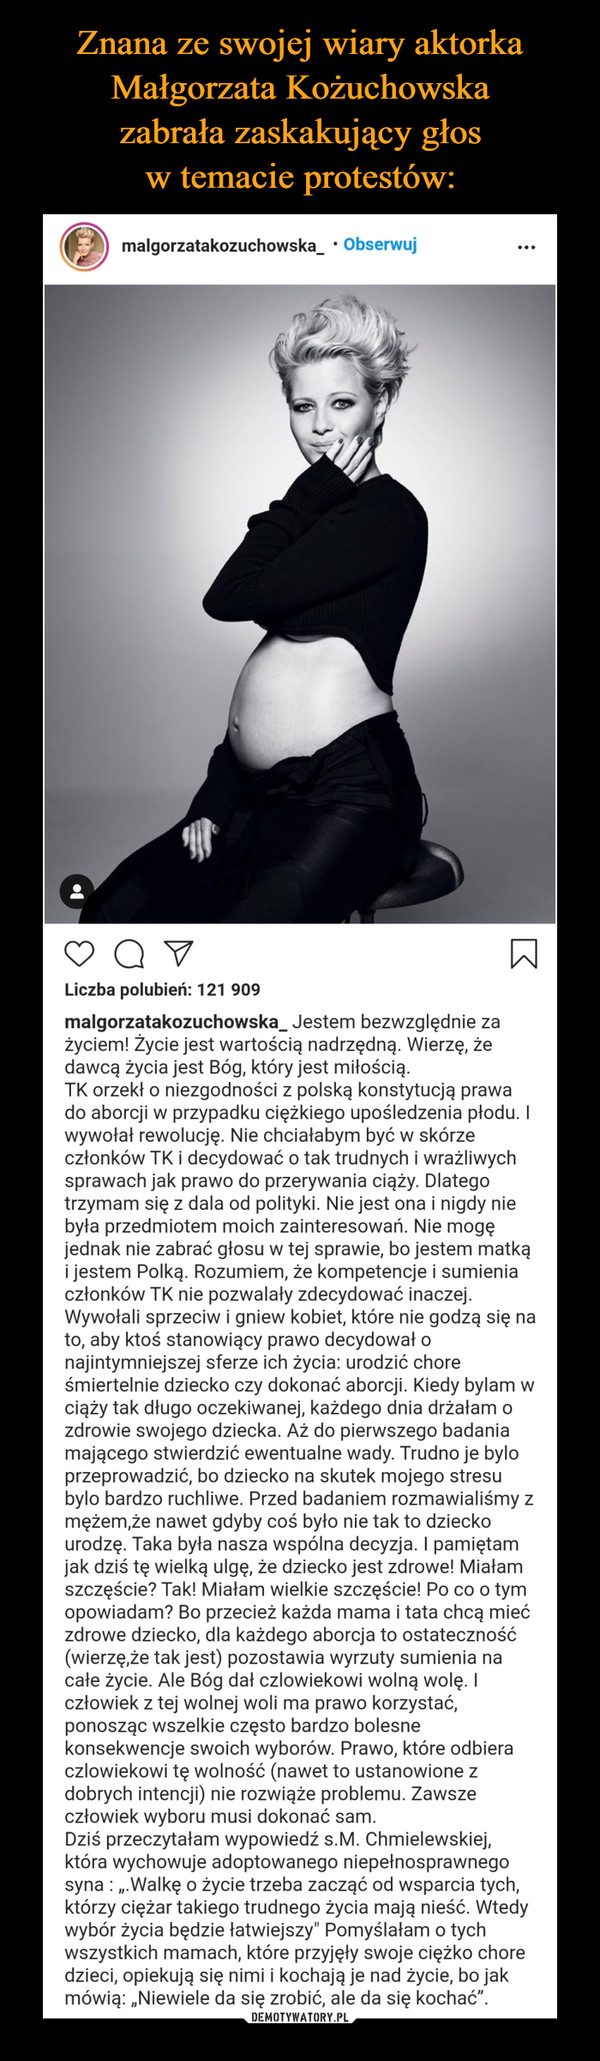 –  Znana ze swojej wiary aktorkaMałgorzata Kożuchowska zabrałazaskakujący głos w temacieprotestów:malgorzatakozuchowska_ • ObserwujLiczba polubień: 121 909malgorzatakozuchowska_ Jestem bezwzględnie zażyciem! Życie jest wartością nadrzędną. Wierzę, żedawcą życia jest Bóg, który jest miłością.TK orzekł o niezgodności z polską konstytucją prawado aborcji w przypadku ciężkiego upośledzenia płodu. Iwywołał rewolucję. Nie chciałabym być w skórzeczłonków TK i decydować o tak trudnych i wrażliwychsprawach jak prawo do przerywania ciąży. Dlategotrzymam się z dala od polityki. Nie jest ona i nigdy niebyła przedmiotem moich zainteresowań. Nie mogęjednak nie zabrać głosu w tej sprawie, bo jestem matkąi jestem Polką. Rozumiem, że kompetencje i sumieniaczłonków TK nie pozwalały zdecydować inaczej.Wywołali sprzeciw i gniew kobiet, które nie godzą się nato, aby ktoś stanowiący prawo decydował onajintymniejszej sferze ich życia: urodzić choreśmiertelnie dziecko czy dokonać aborcji. Kiedy bylam wciąży tak długo oczekiwanej, każdego dnia drżałam ozdrowie swojego dziecka. Aż do pierwszego badaniamającego stwierdzić ewentualne wady. Trudno je byloprzeprowadzić, bo dziecko na skutek mojego stresubylo bardzo ruchliwe. Przed badaniem rozmawialiśmy zmężem,że nawet gdyby coś było nie tak to dzieckourodzę. Taka była nasza wspólna decyzja. I pamiętamjak dziś tę wielką ulgę, że dziecko jest zdrowe! Miałamszczęście? Tak! Miałam wielkie szczęście! Po co o tymopowiadam? Bo przecież każda mama i tata chcą miećzdrowe dziecko, dla każdego aborcja to ostateczność(wierzę,że tak jest) pozostawia wyrzuty sumienia nacałe życie. Ale Bóg dał czlowiekowi wolną wolę. Iczłowiek z tej wolnej woli ma prawo korzystać,ponosząc wszelkie często bardzo bolesnekonsekwencje swoich wyborów. Prawo, które odbieraczlowiekowi tę wolność (nawet to ustanowione zdobrych intencji) nie rozwiąże problemu. Zawszeczłowiek wyboru musi dokonać sam.Dziś przeczytałam wypowiedź s.M. Chmielewskiej,która wychowuje adoptowanego niepełnospr